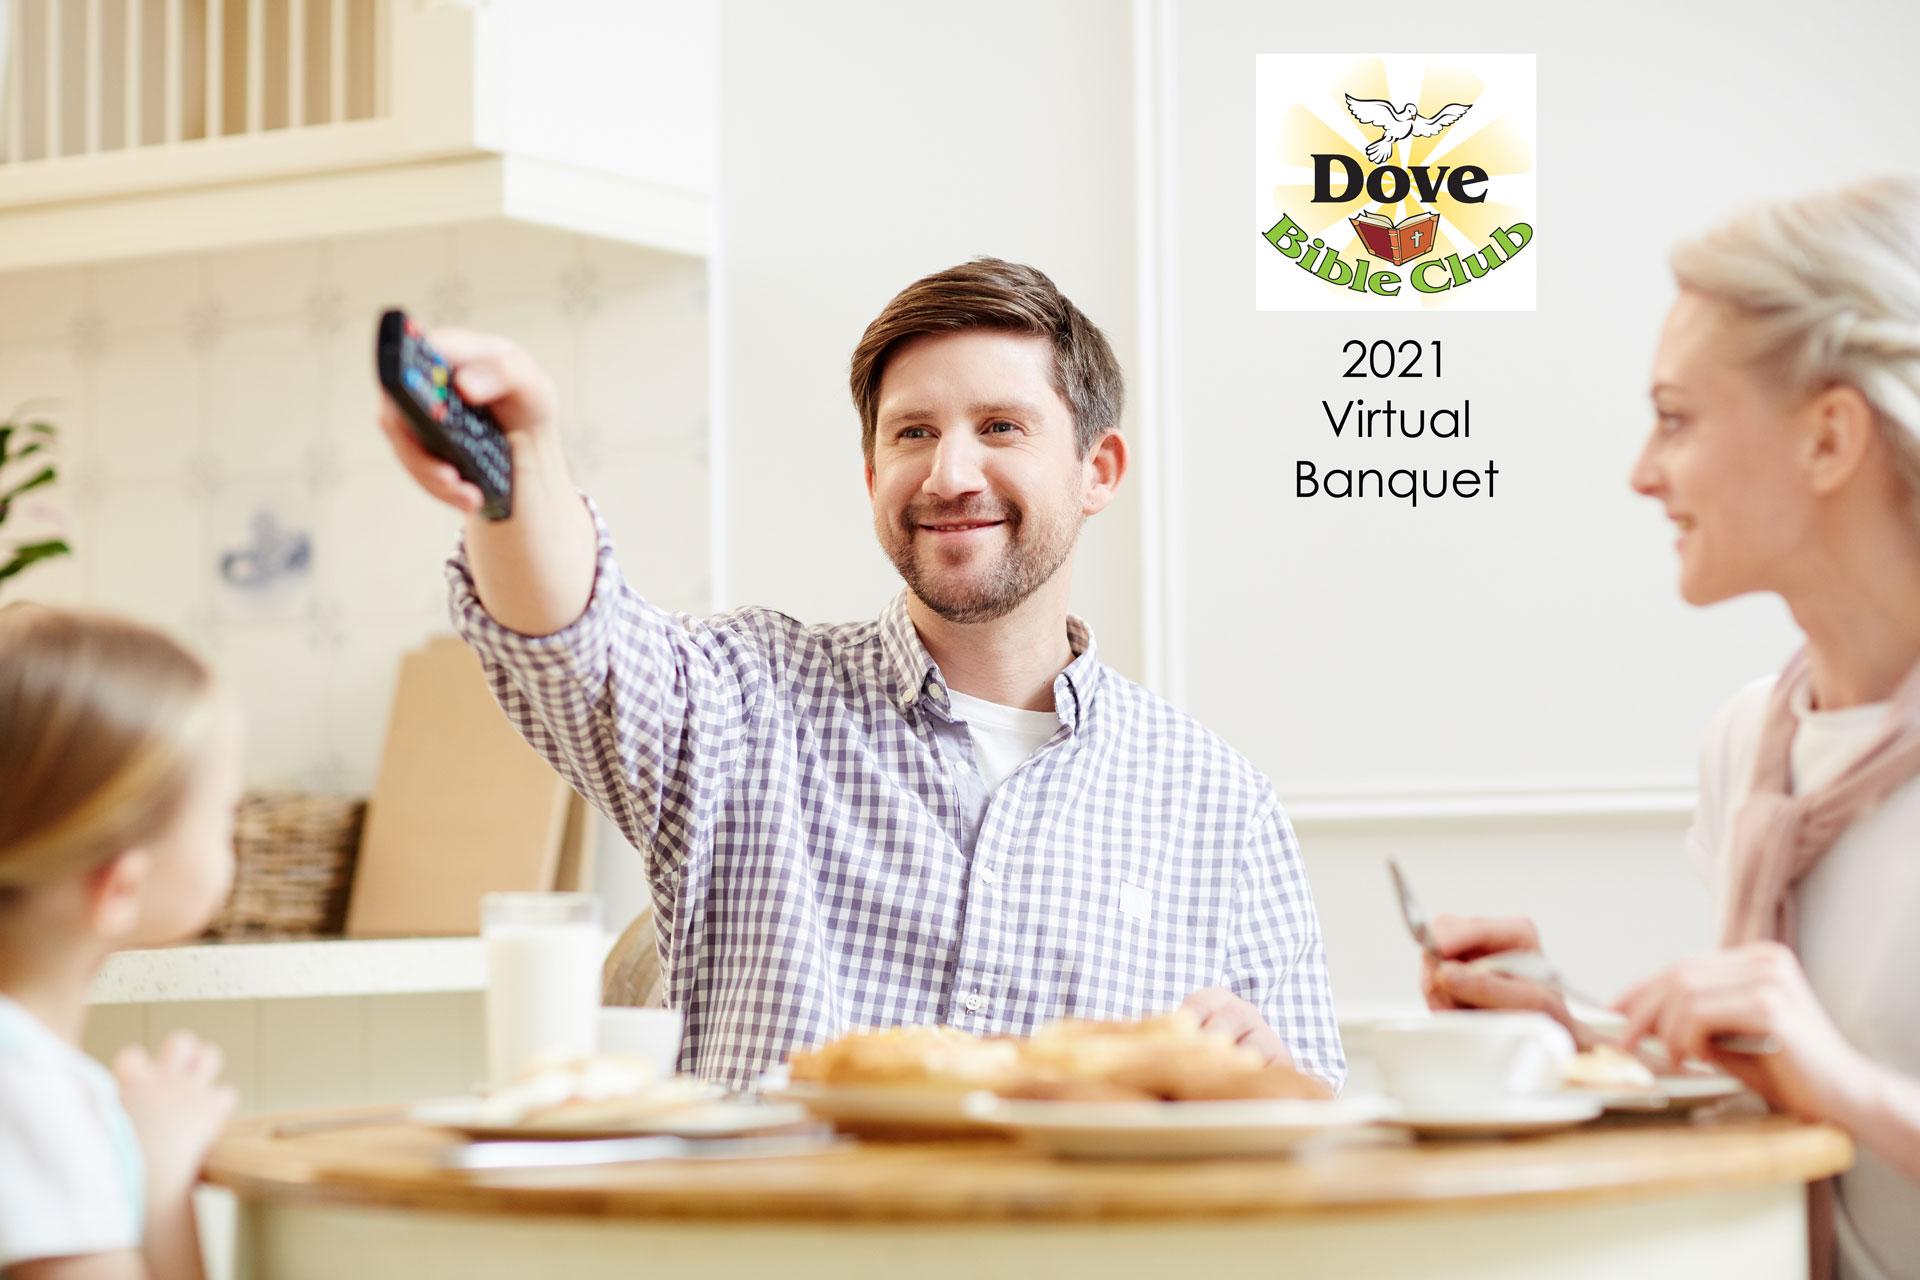 2021 Virtual Banquet